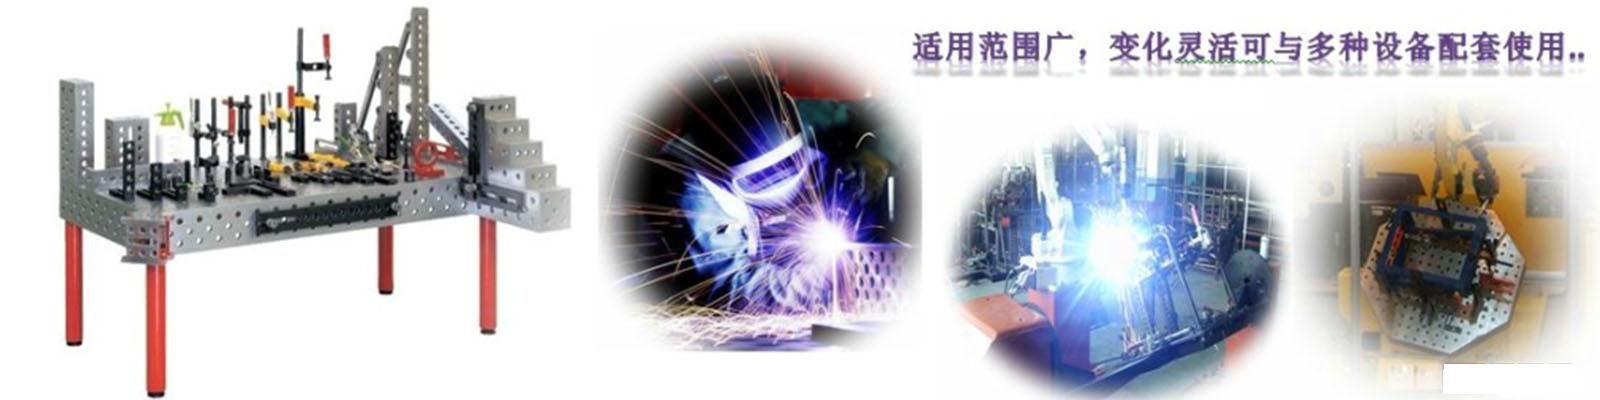 厦门雅焊达自动化科技有限公司